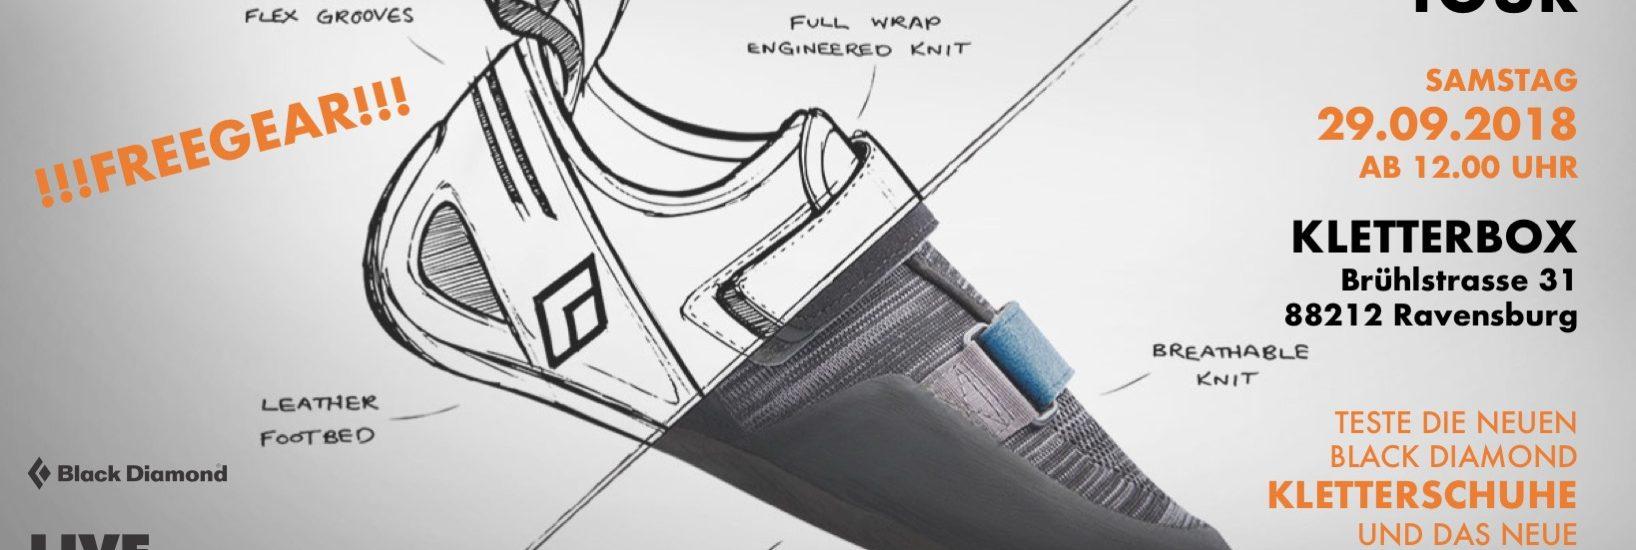 alles was man braucht um draussen unterwegs zu sein gipfelst rmer ravensburg. Black Bedroom Furniture Sets. Home Design Ideas